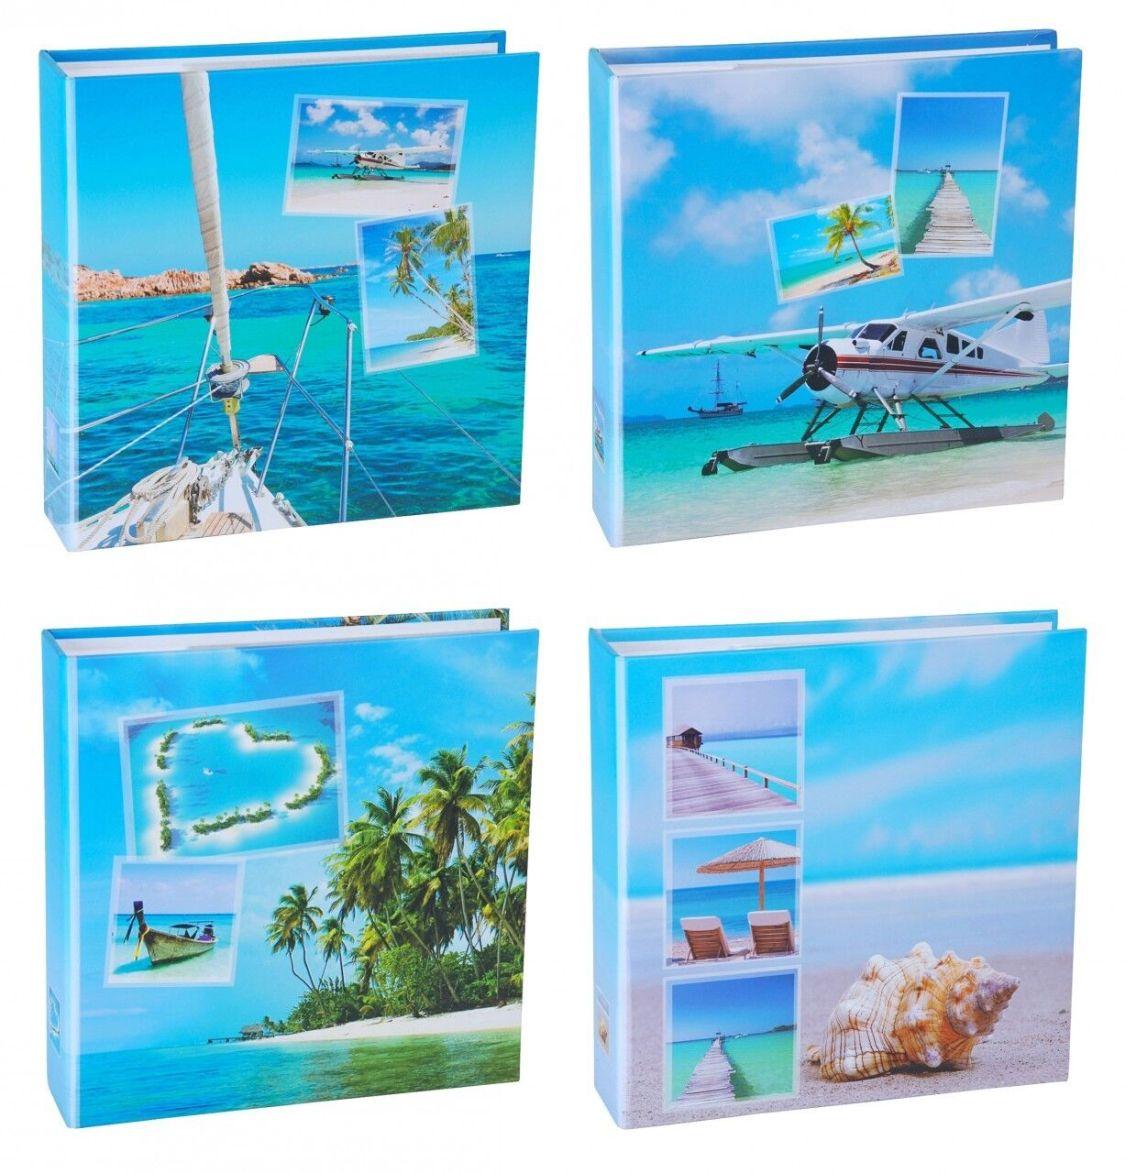 WELLGRO® Einsteckalbum 200 Fotos 10x15 Memoalbum Fotoalbum Slip-In Album Strand